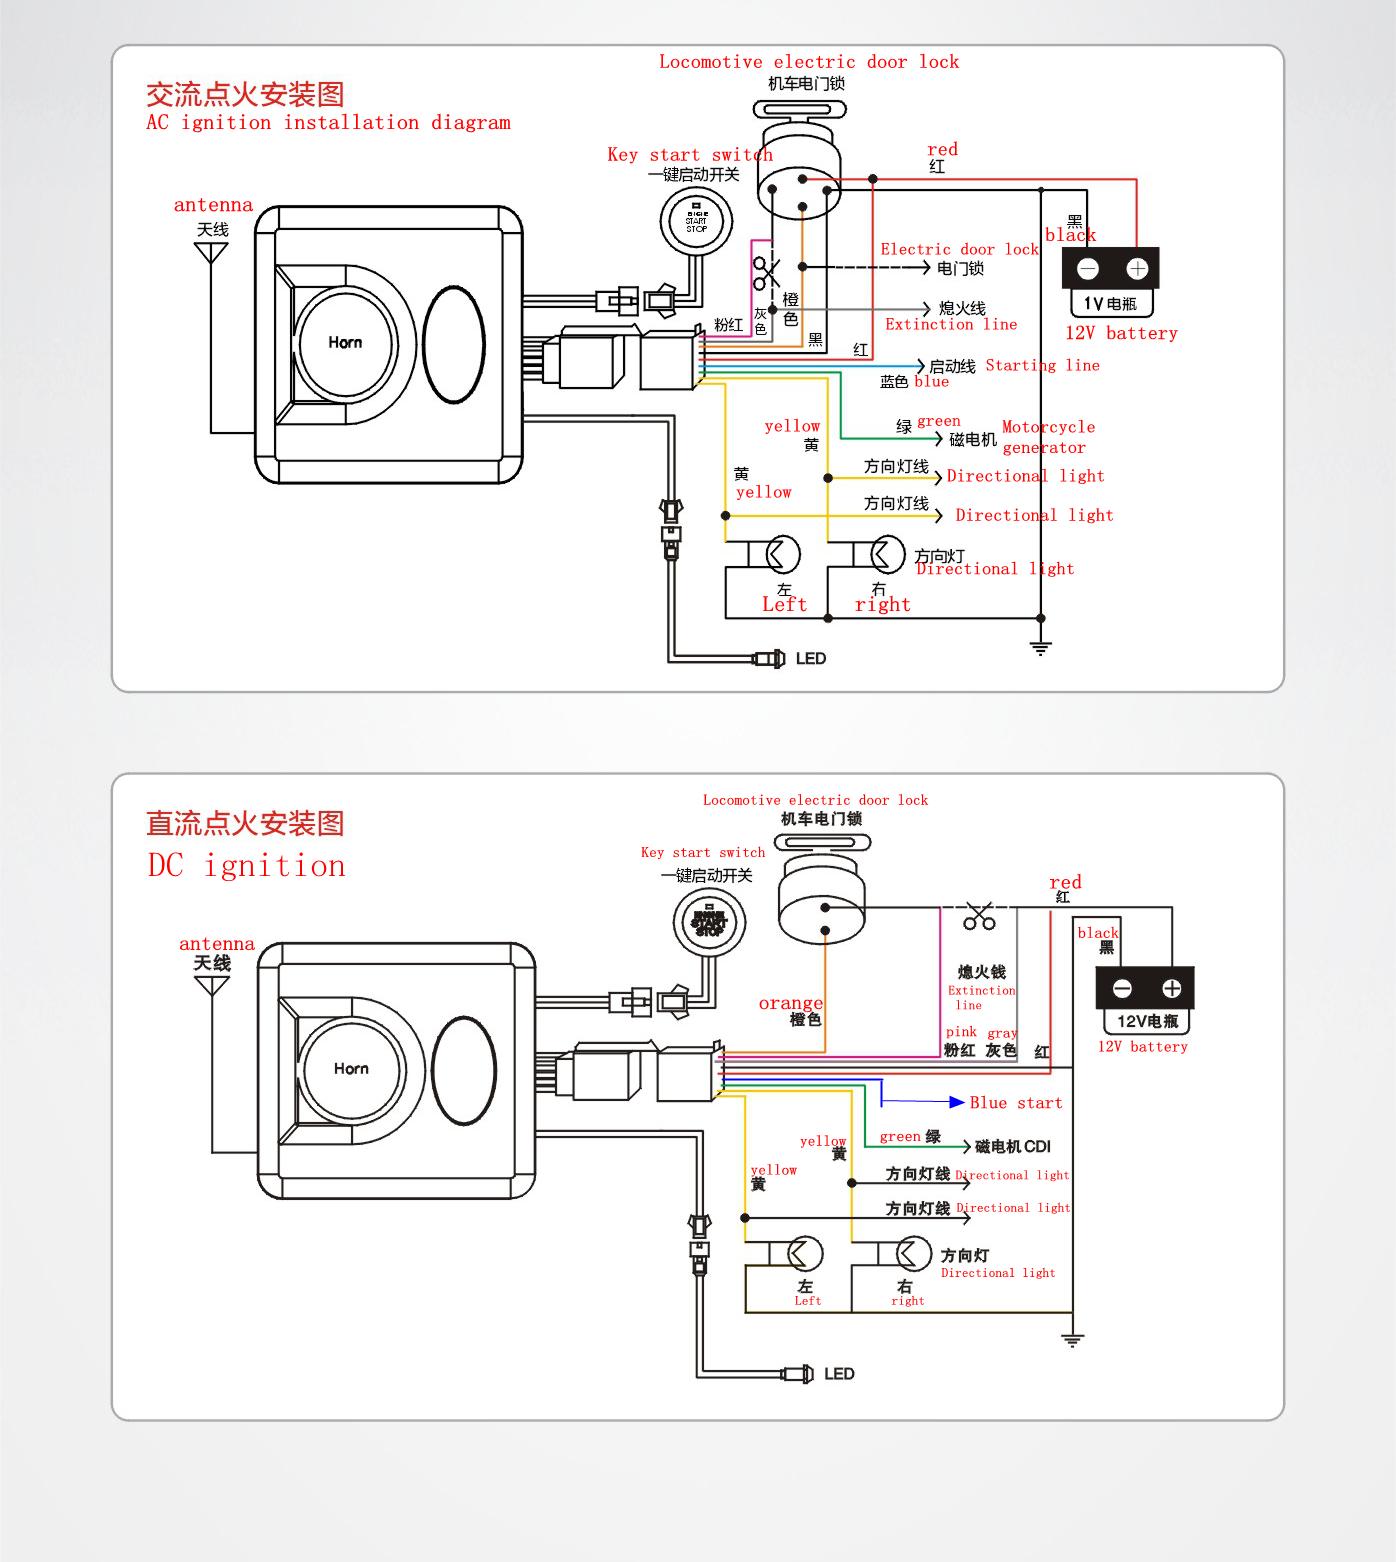 雷震子摩托车一键启动英文接线安装图